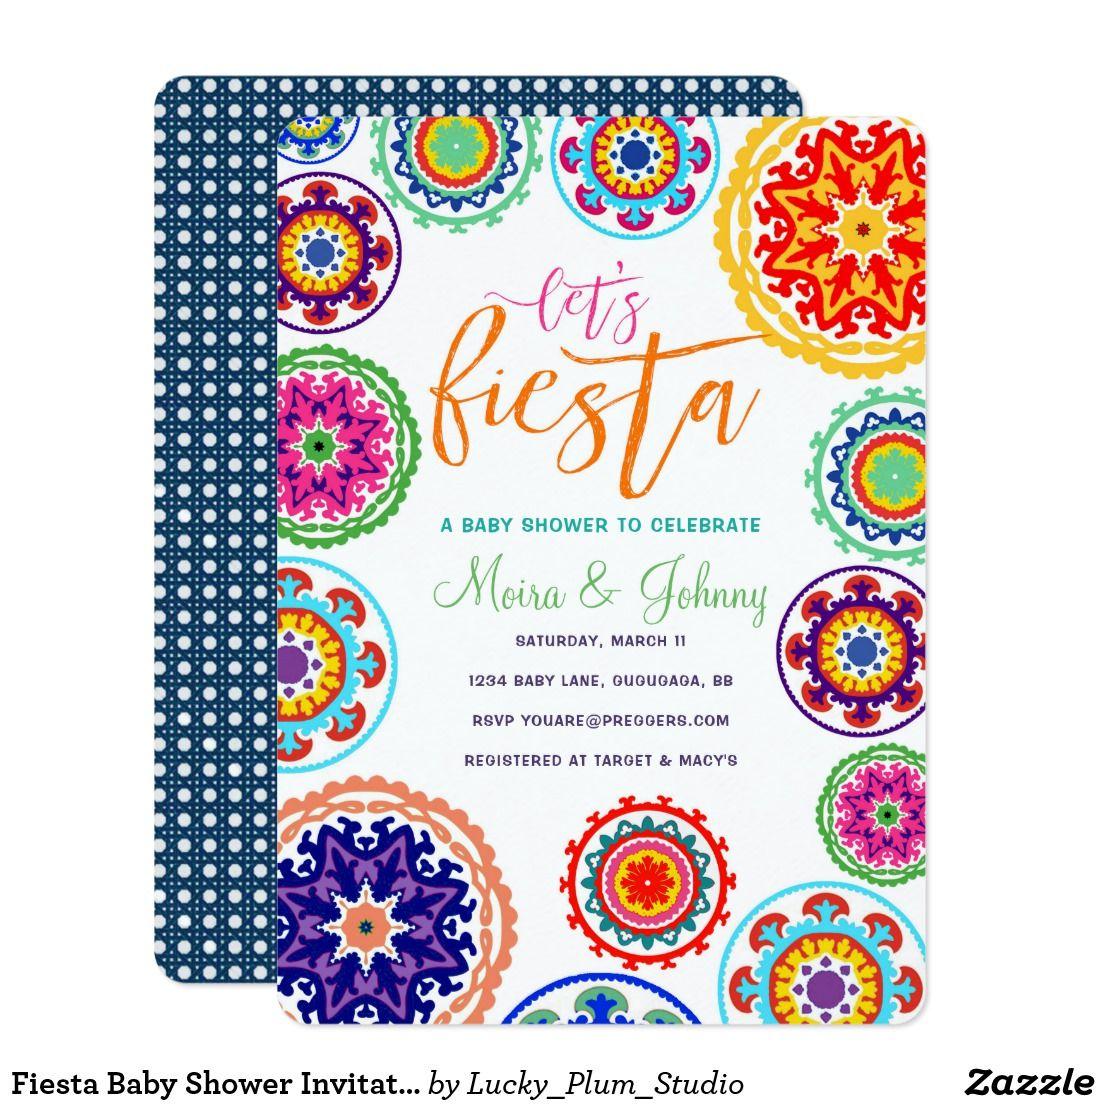 Fiesta Baby Shower Invitation | Baby Shower | Pinterest | Babies ...